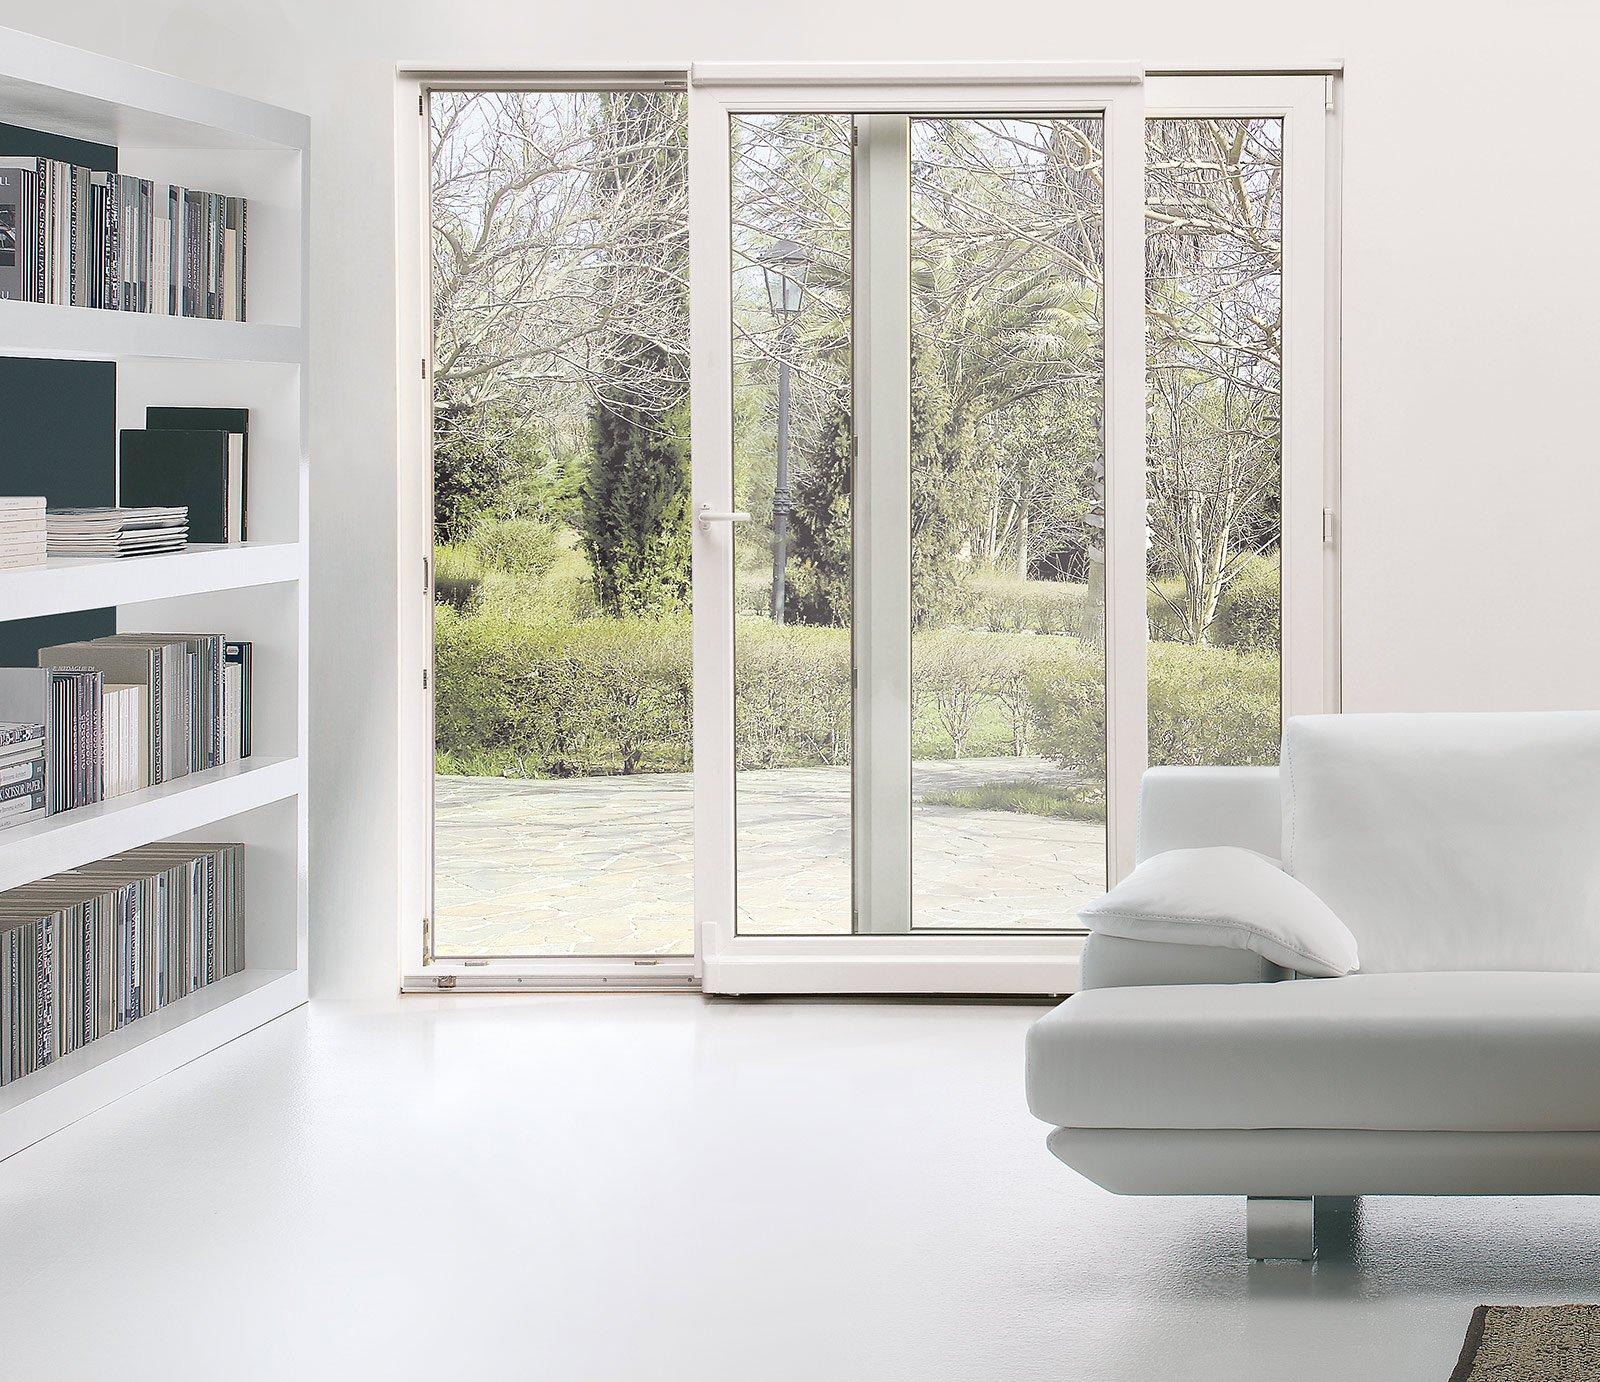 Serramenti in pvc a prova di furto cose di casa - La casa con le finestre che ridono ...